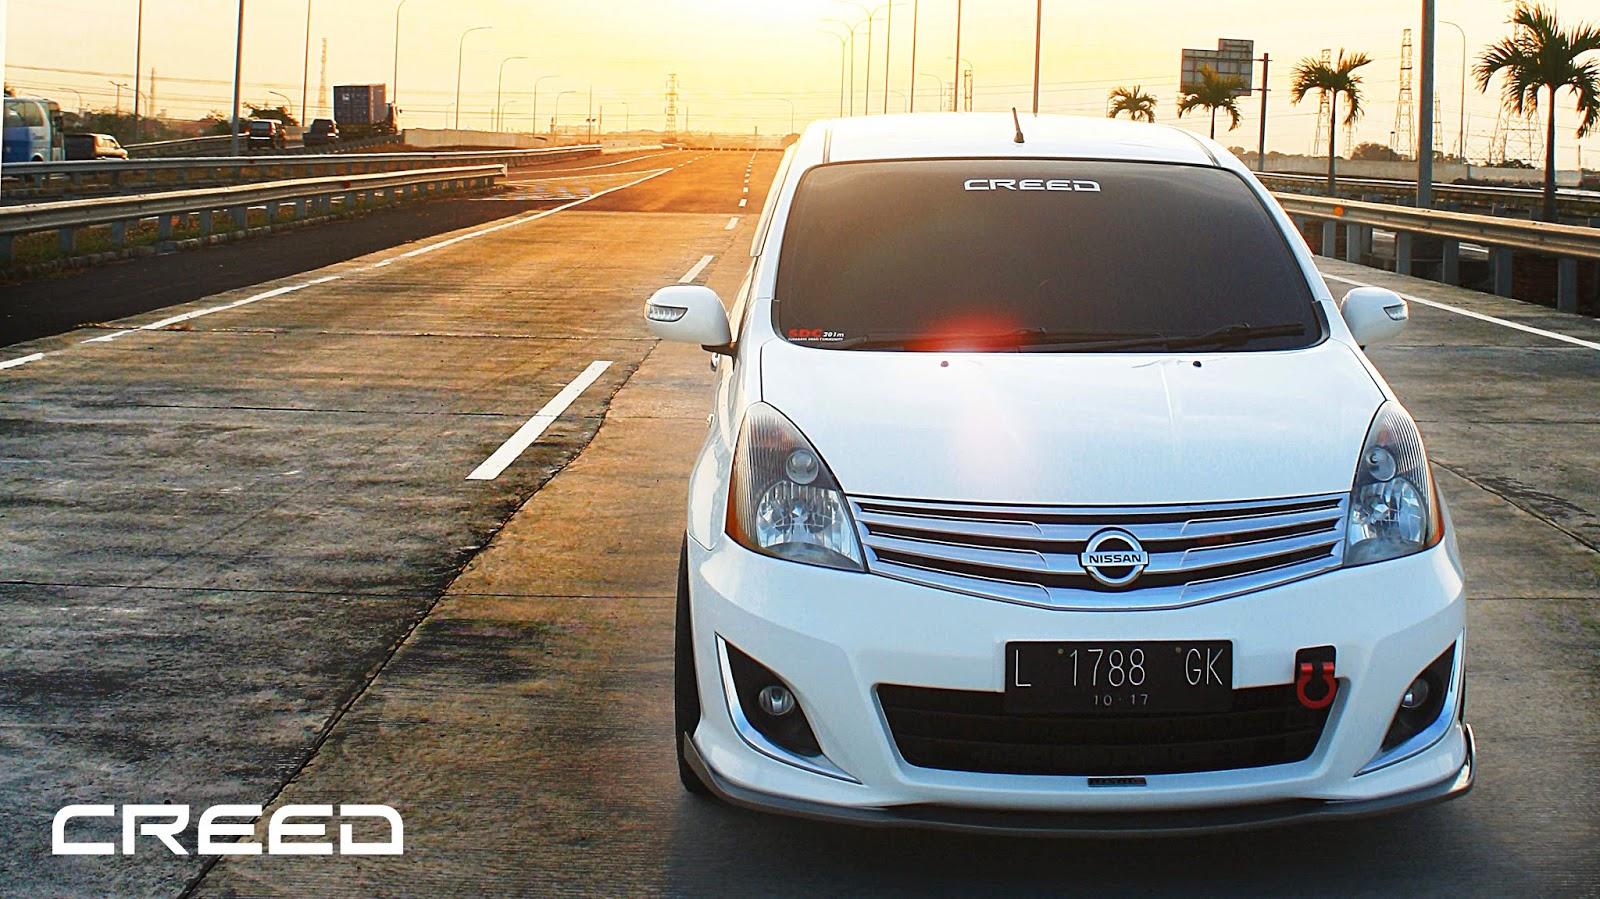 Gambar mobil grand livina putih modifikasi mobil